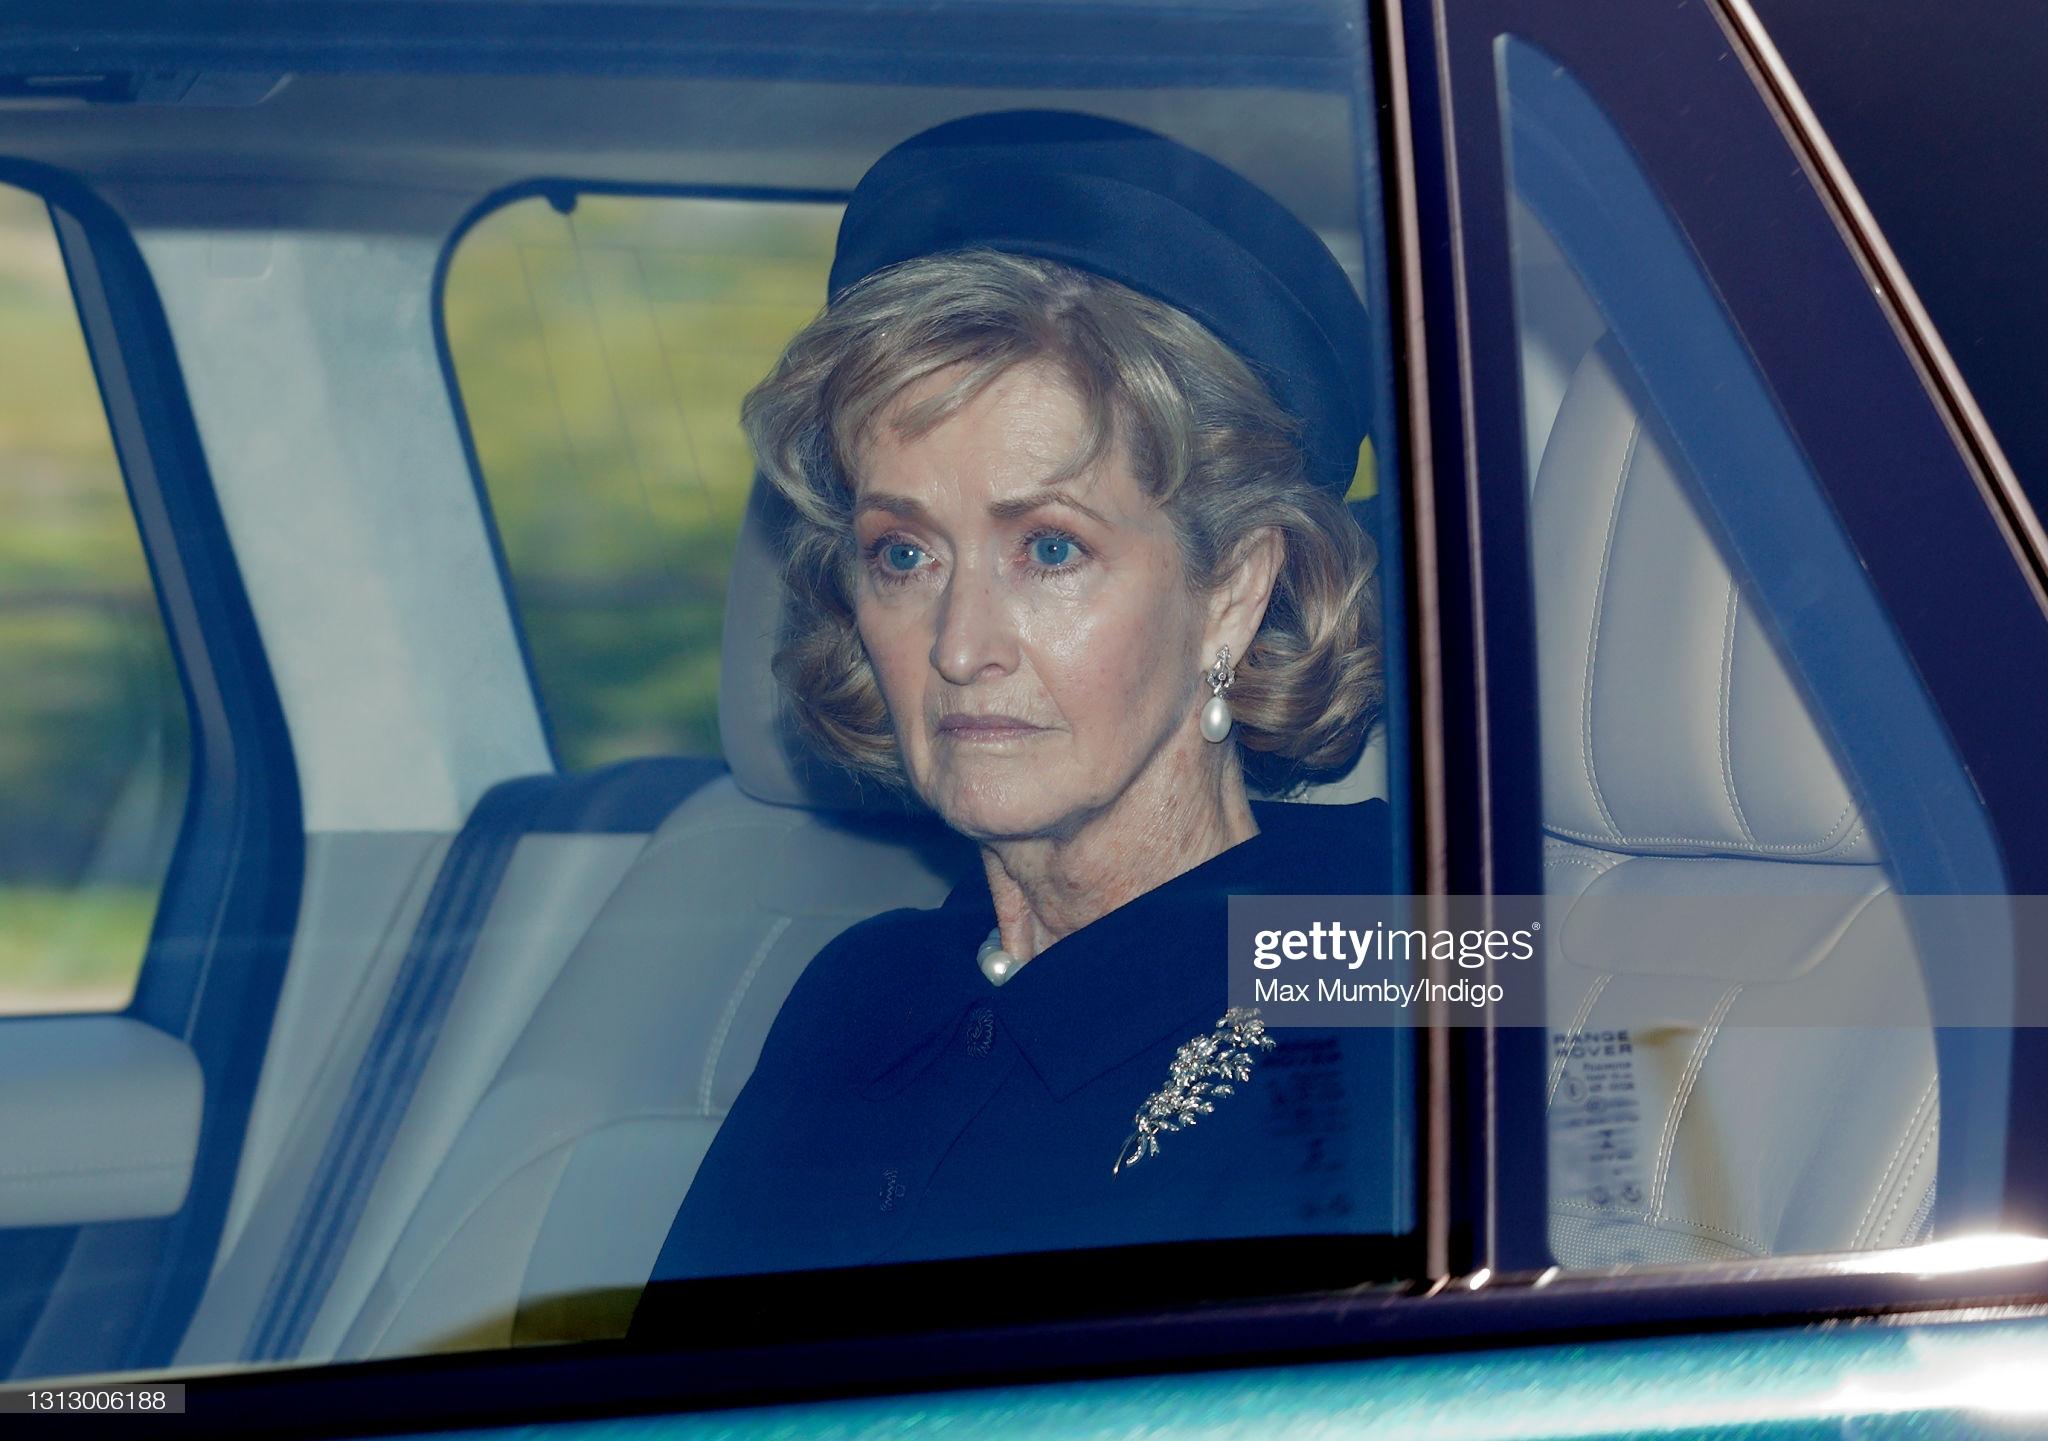 Người phụ nữ thầm lặng trong lễ tang Hoàng tế Philip: Bạn tâm giao kém 32 tuổi của người quá cố, đẹp hơn cả Nữ hoàng Anh và Kate Middleton  - Ảnh 1.